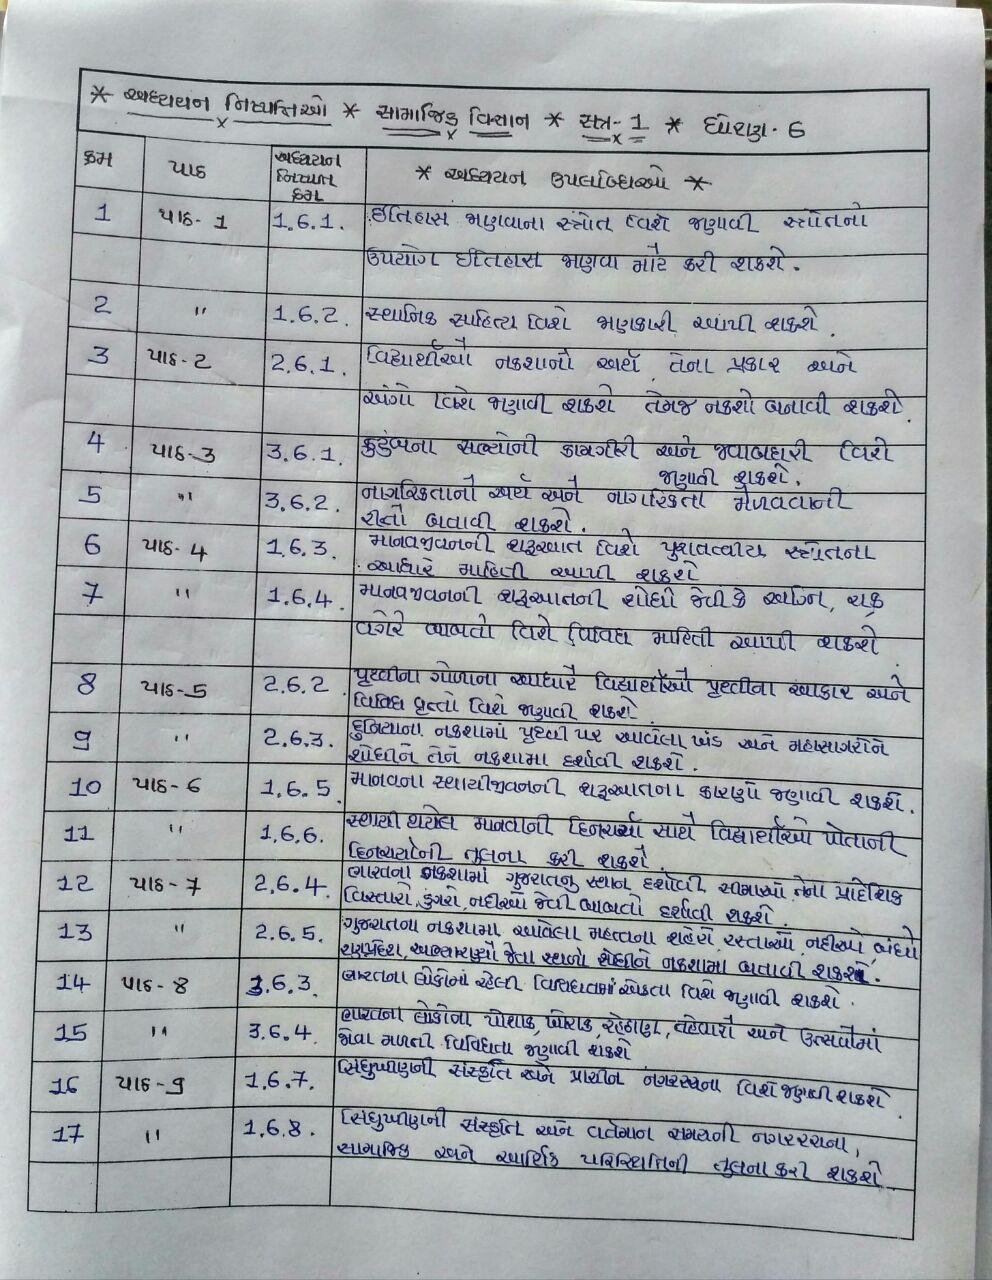 RANEKPAR PRI  SCHOOL: s s sem 1 adhyayan nishpatti